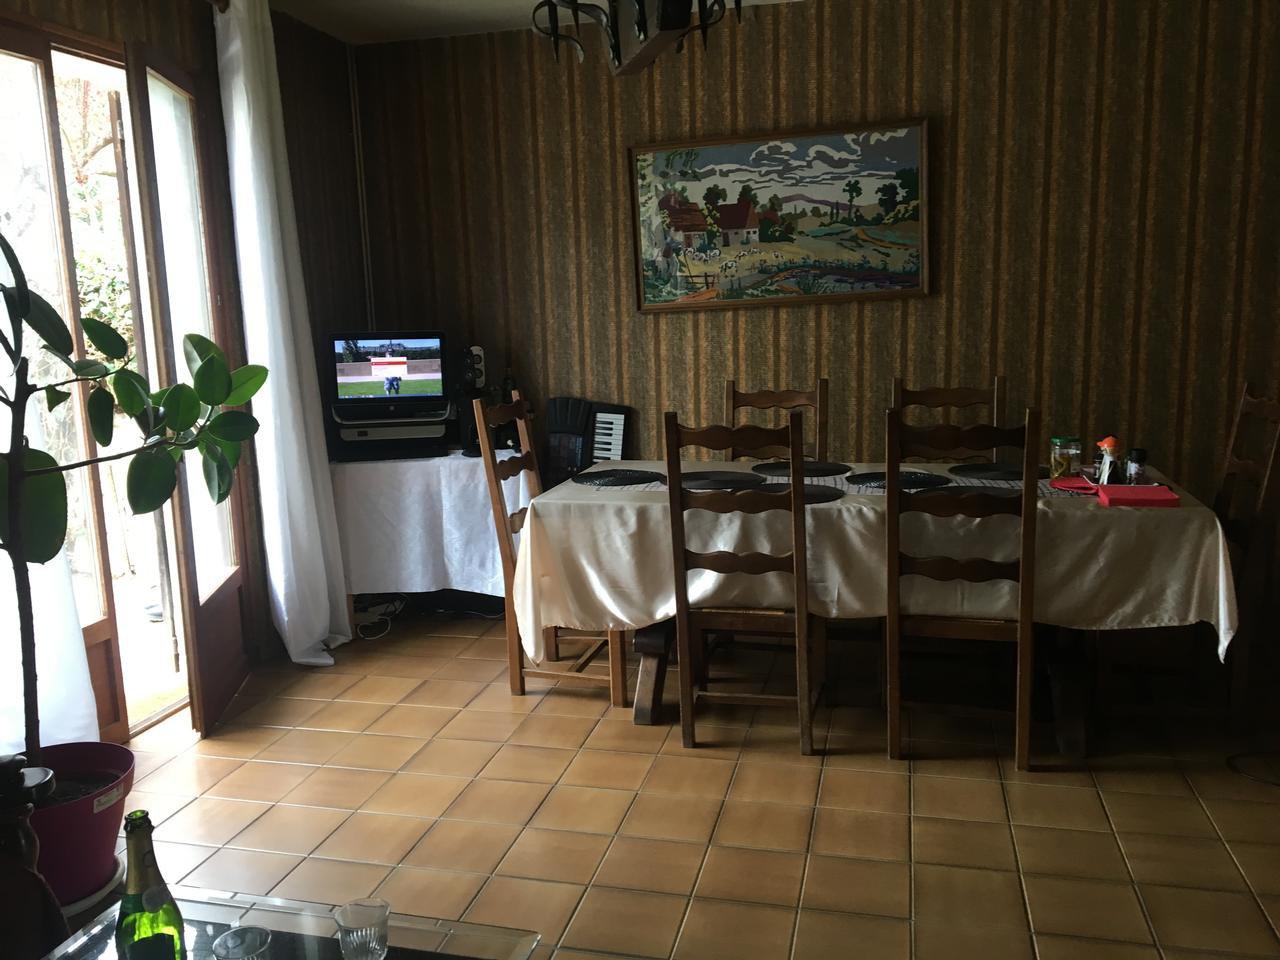 St remy les chevreuses : Maison  6 Pièce(s) 140 m²  , terrain 500 m2 , à rénover